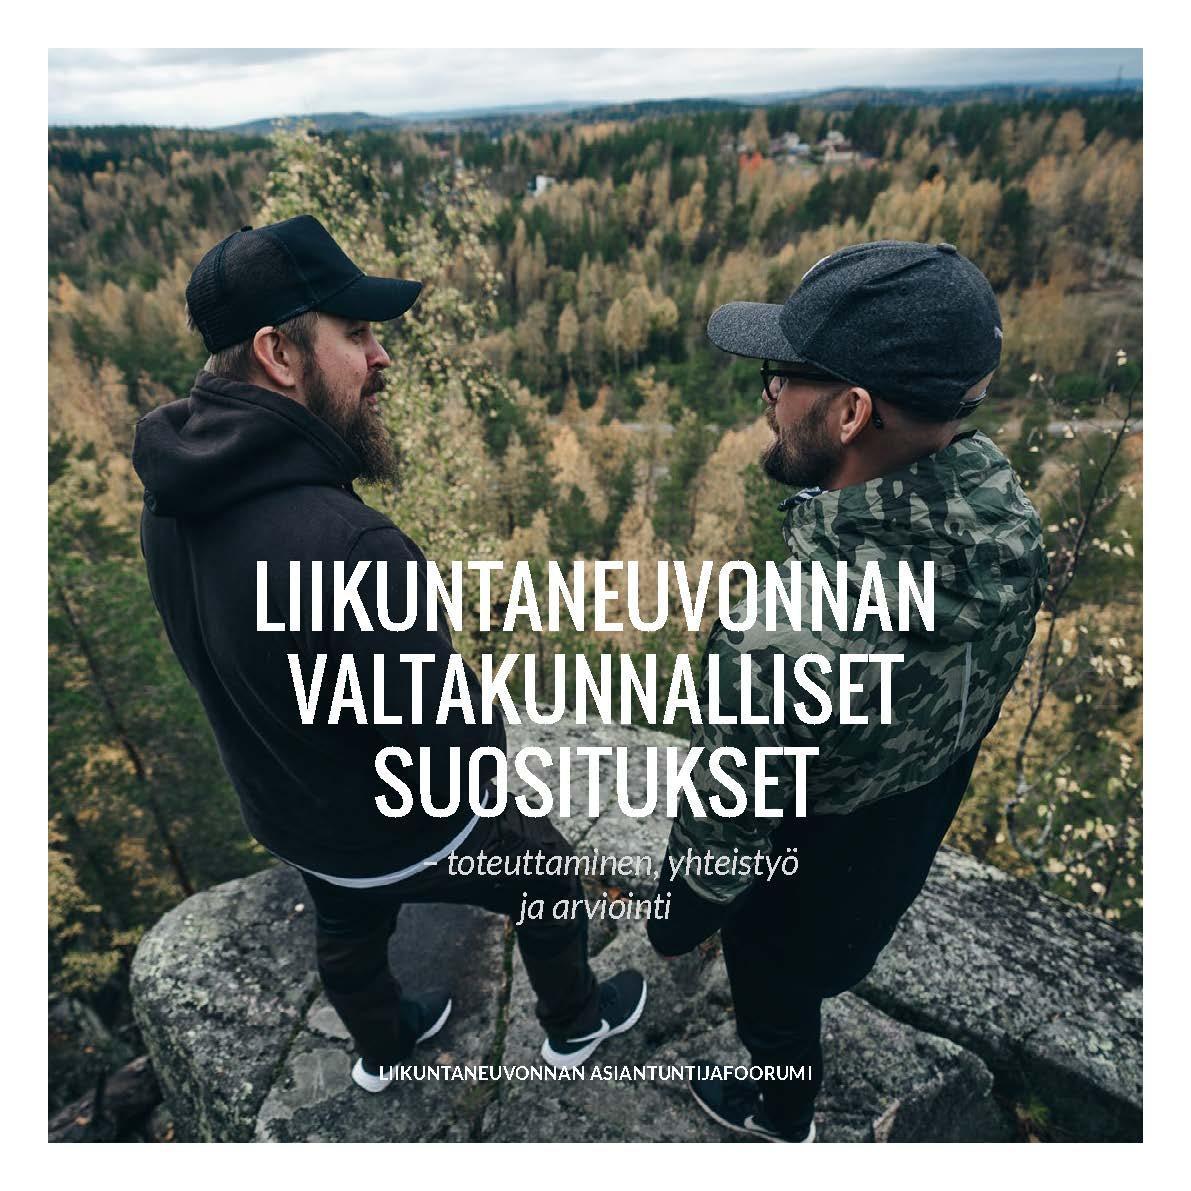 Kuvassa kaksi miestä korkealla kallion kilekkeellä. Taustalla metsää.